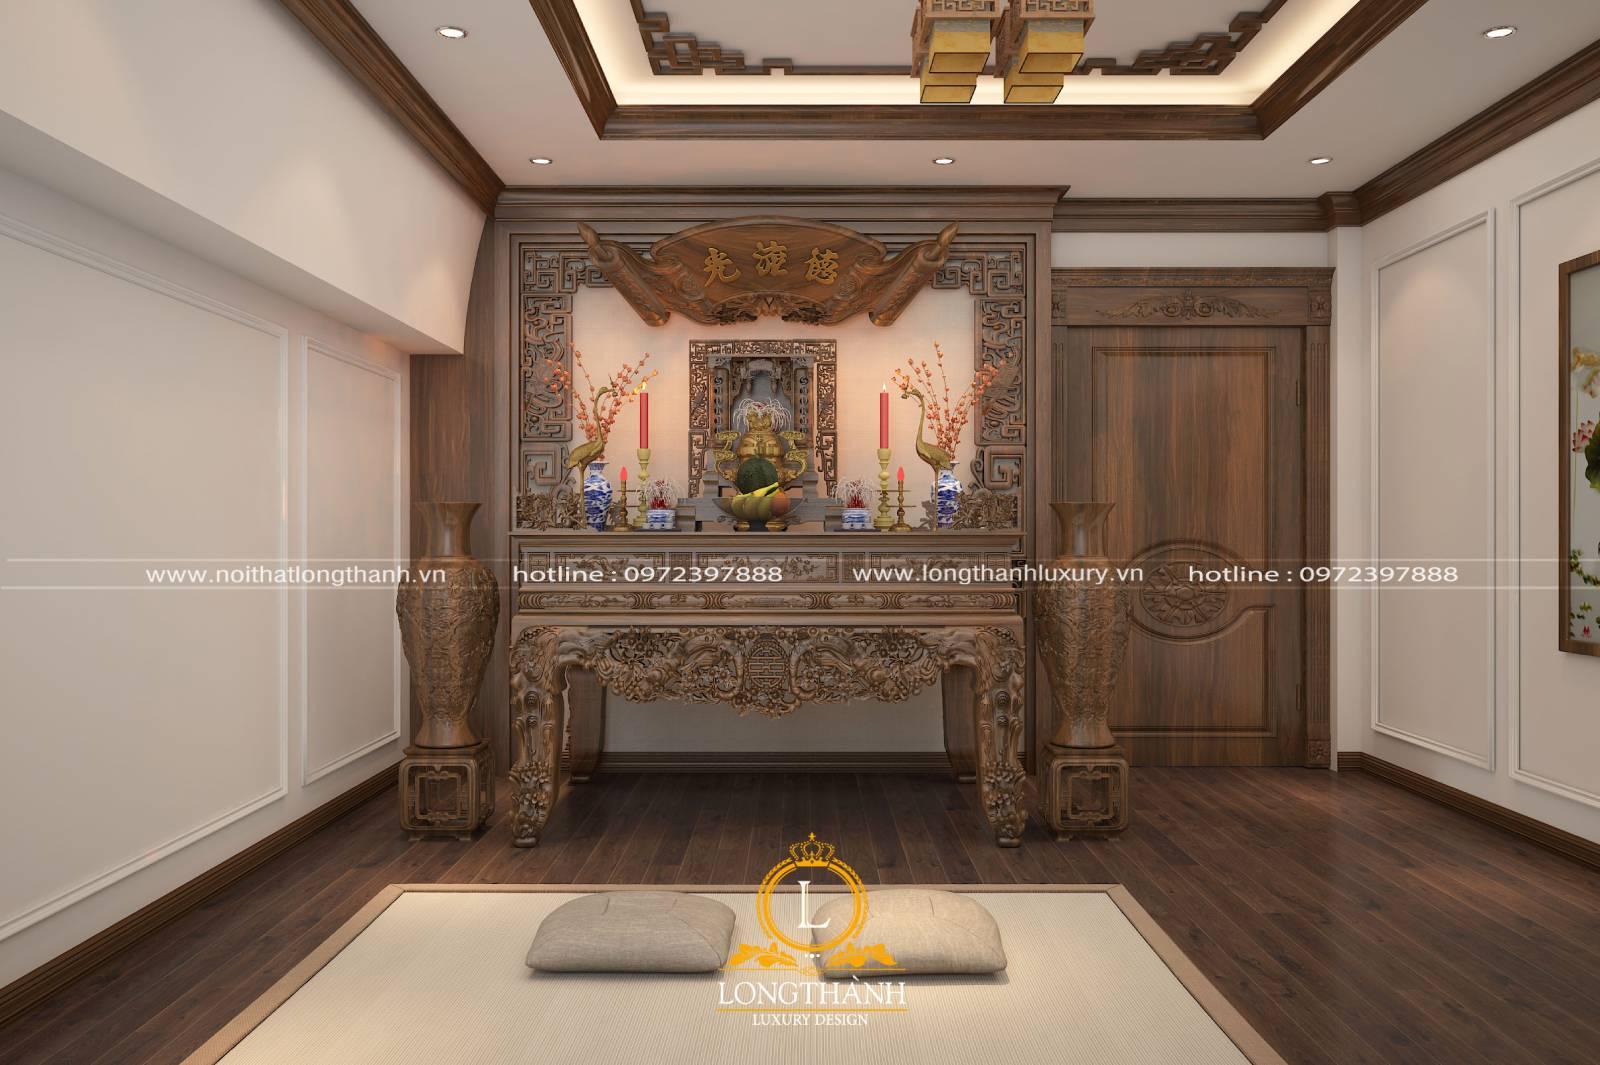 Cửa thông phòng phòng thờ tân cổ điển có màu sắc trang nhã